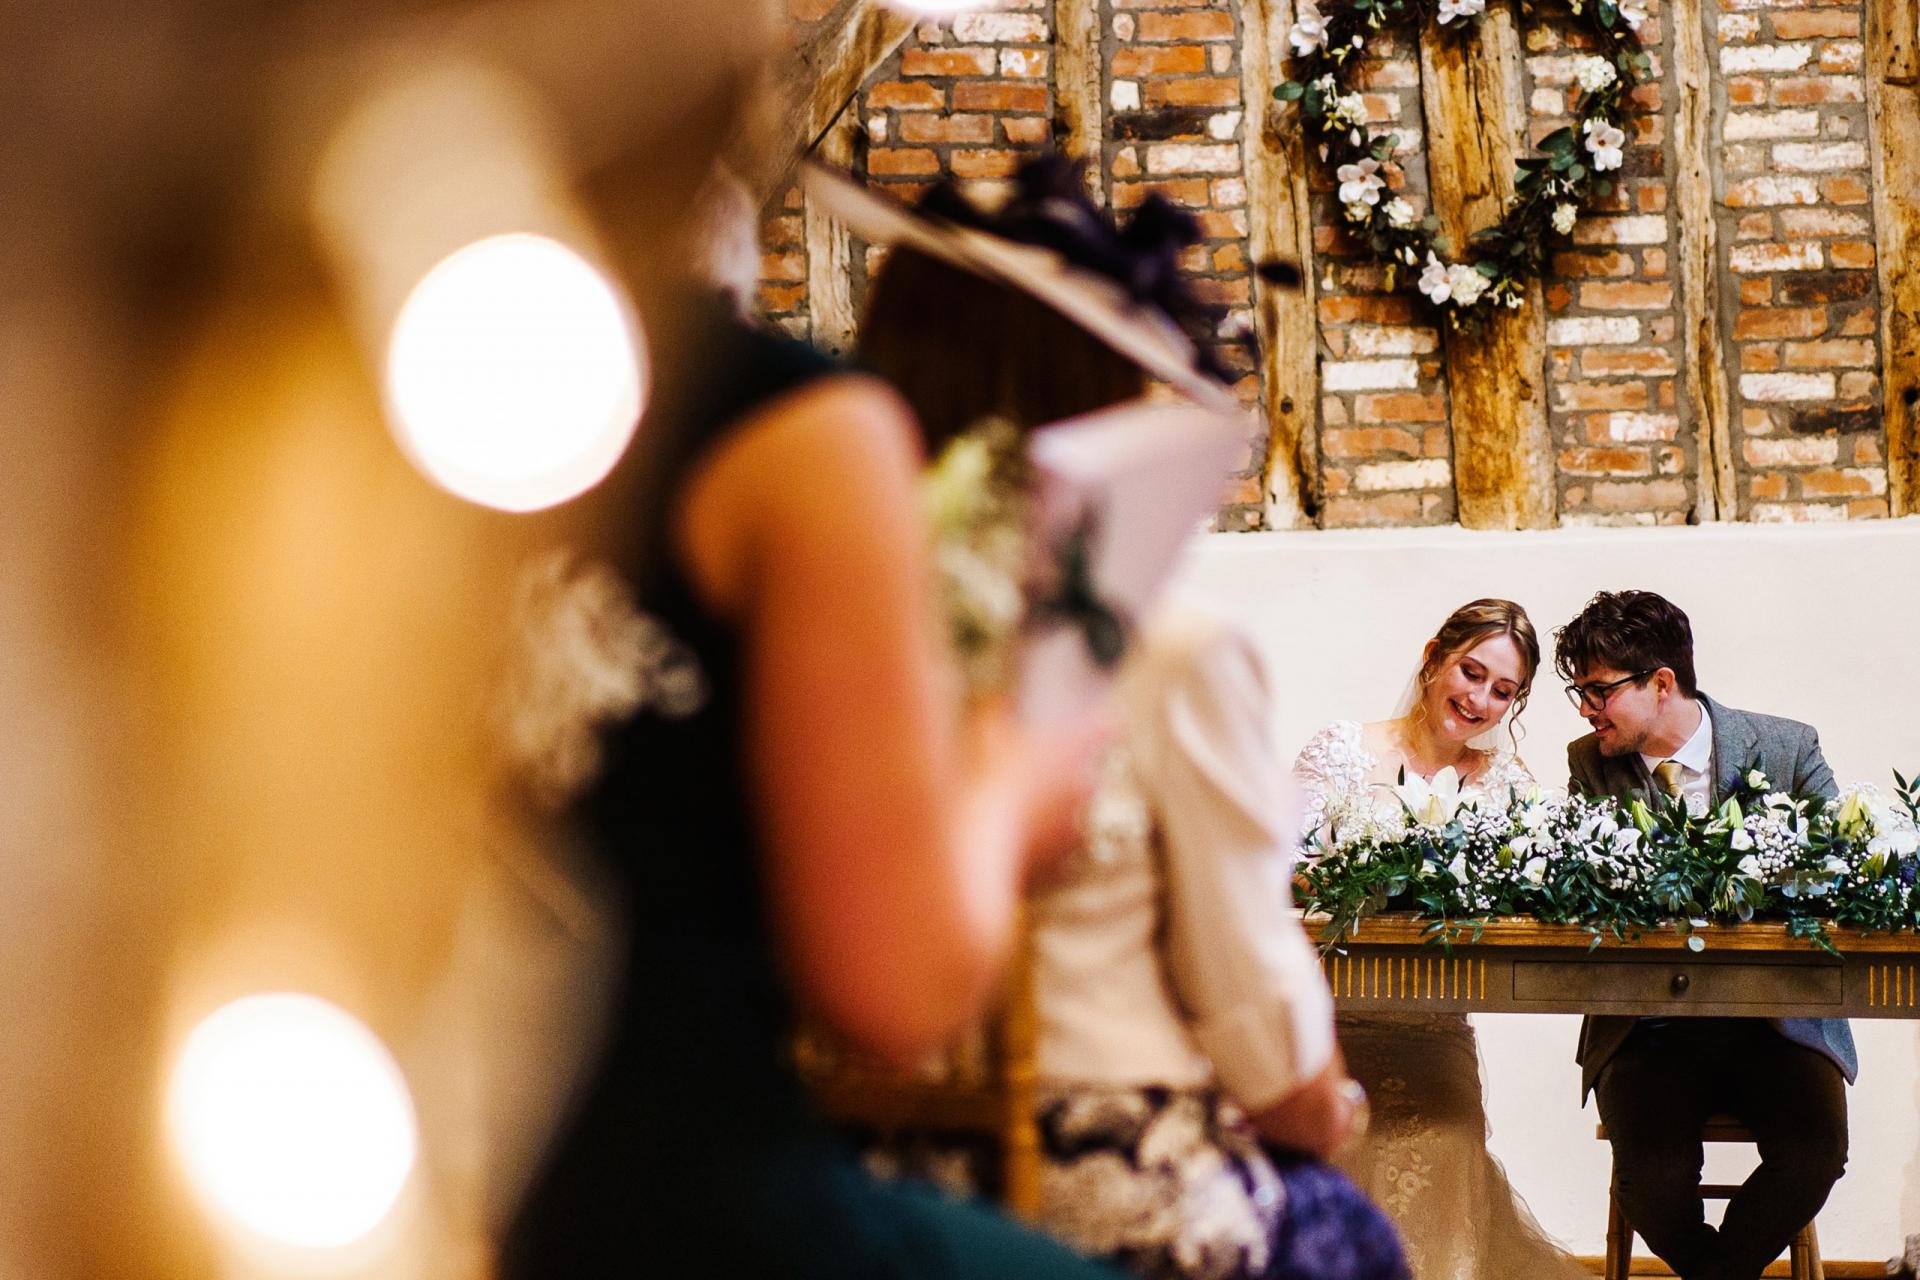 Imagen de boda de Bassmead Manor Barns St Neots | Echando un vistazo a algunos invitados, podemos ver a los novios sentados en una mesa.